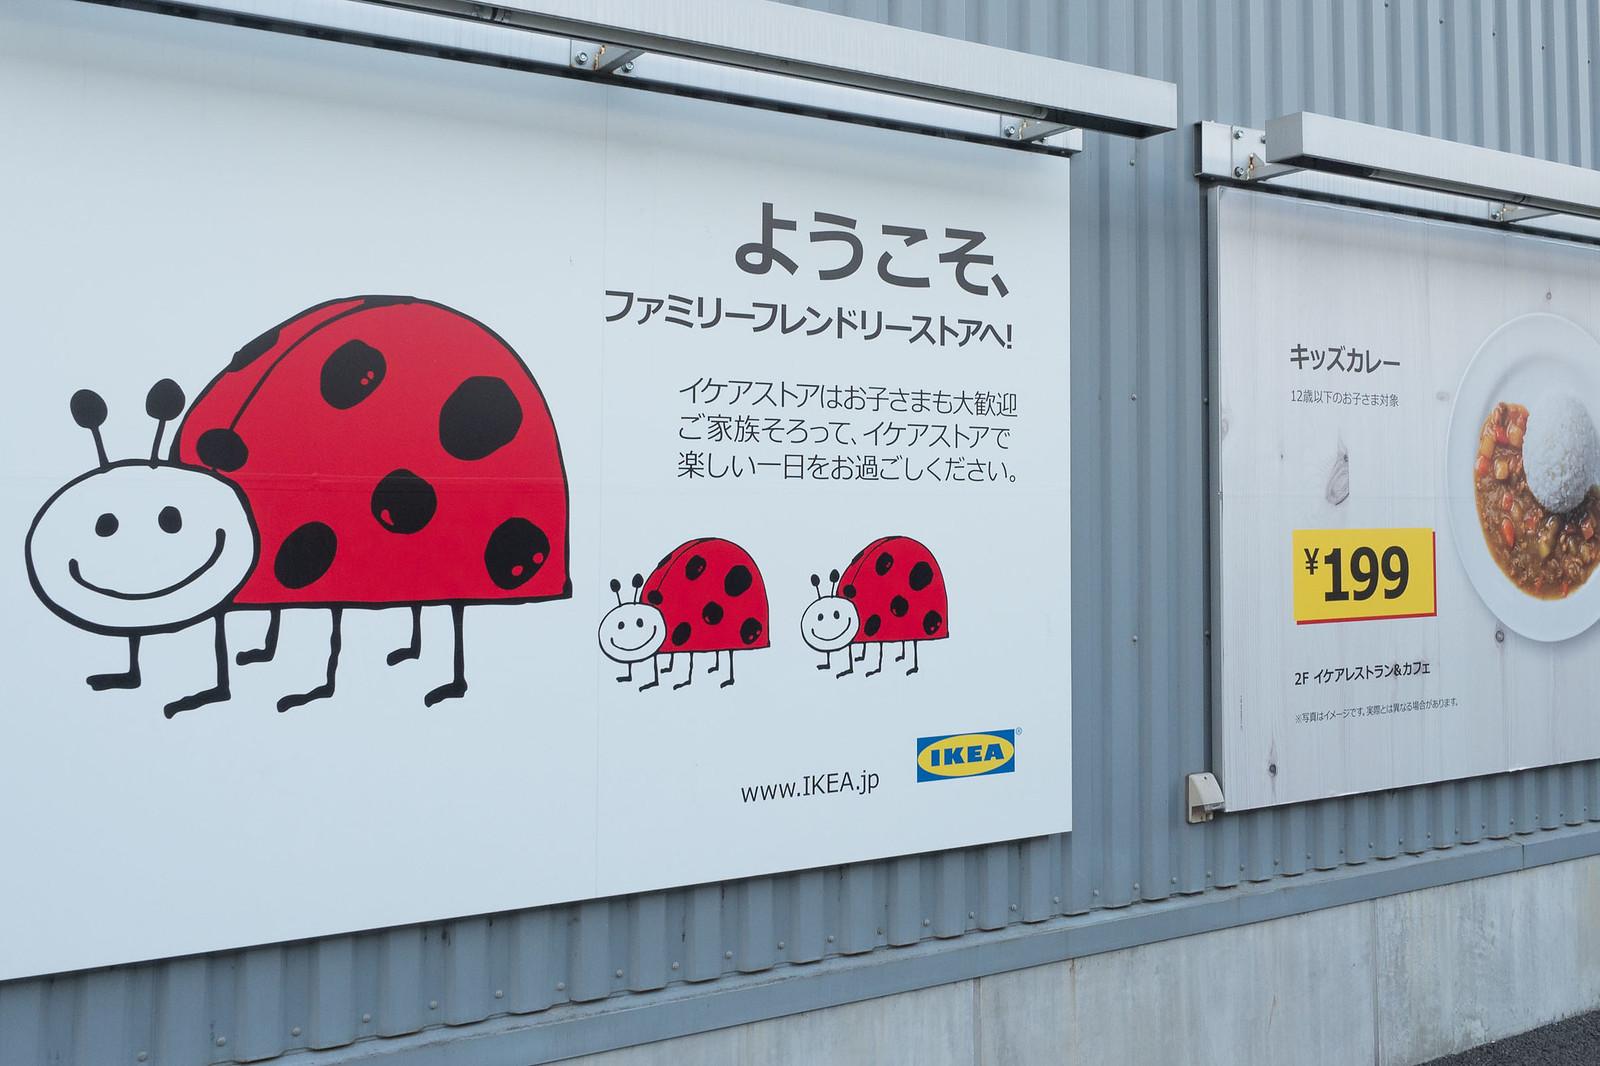 IKEA_tachikawa-24